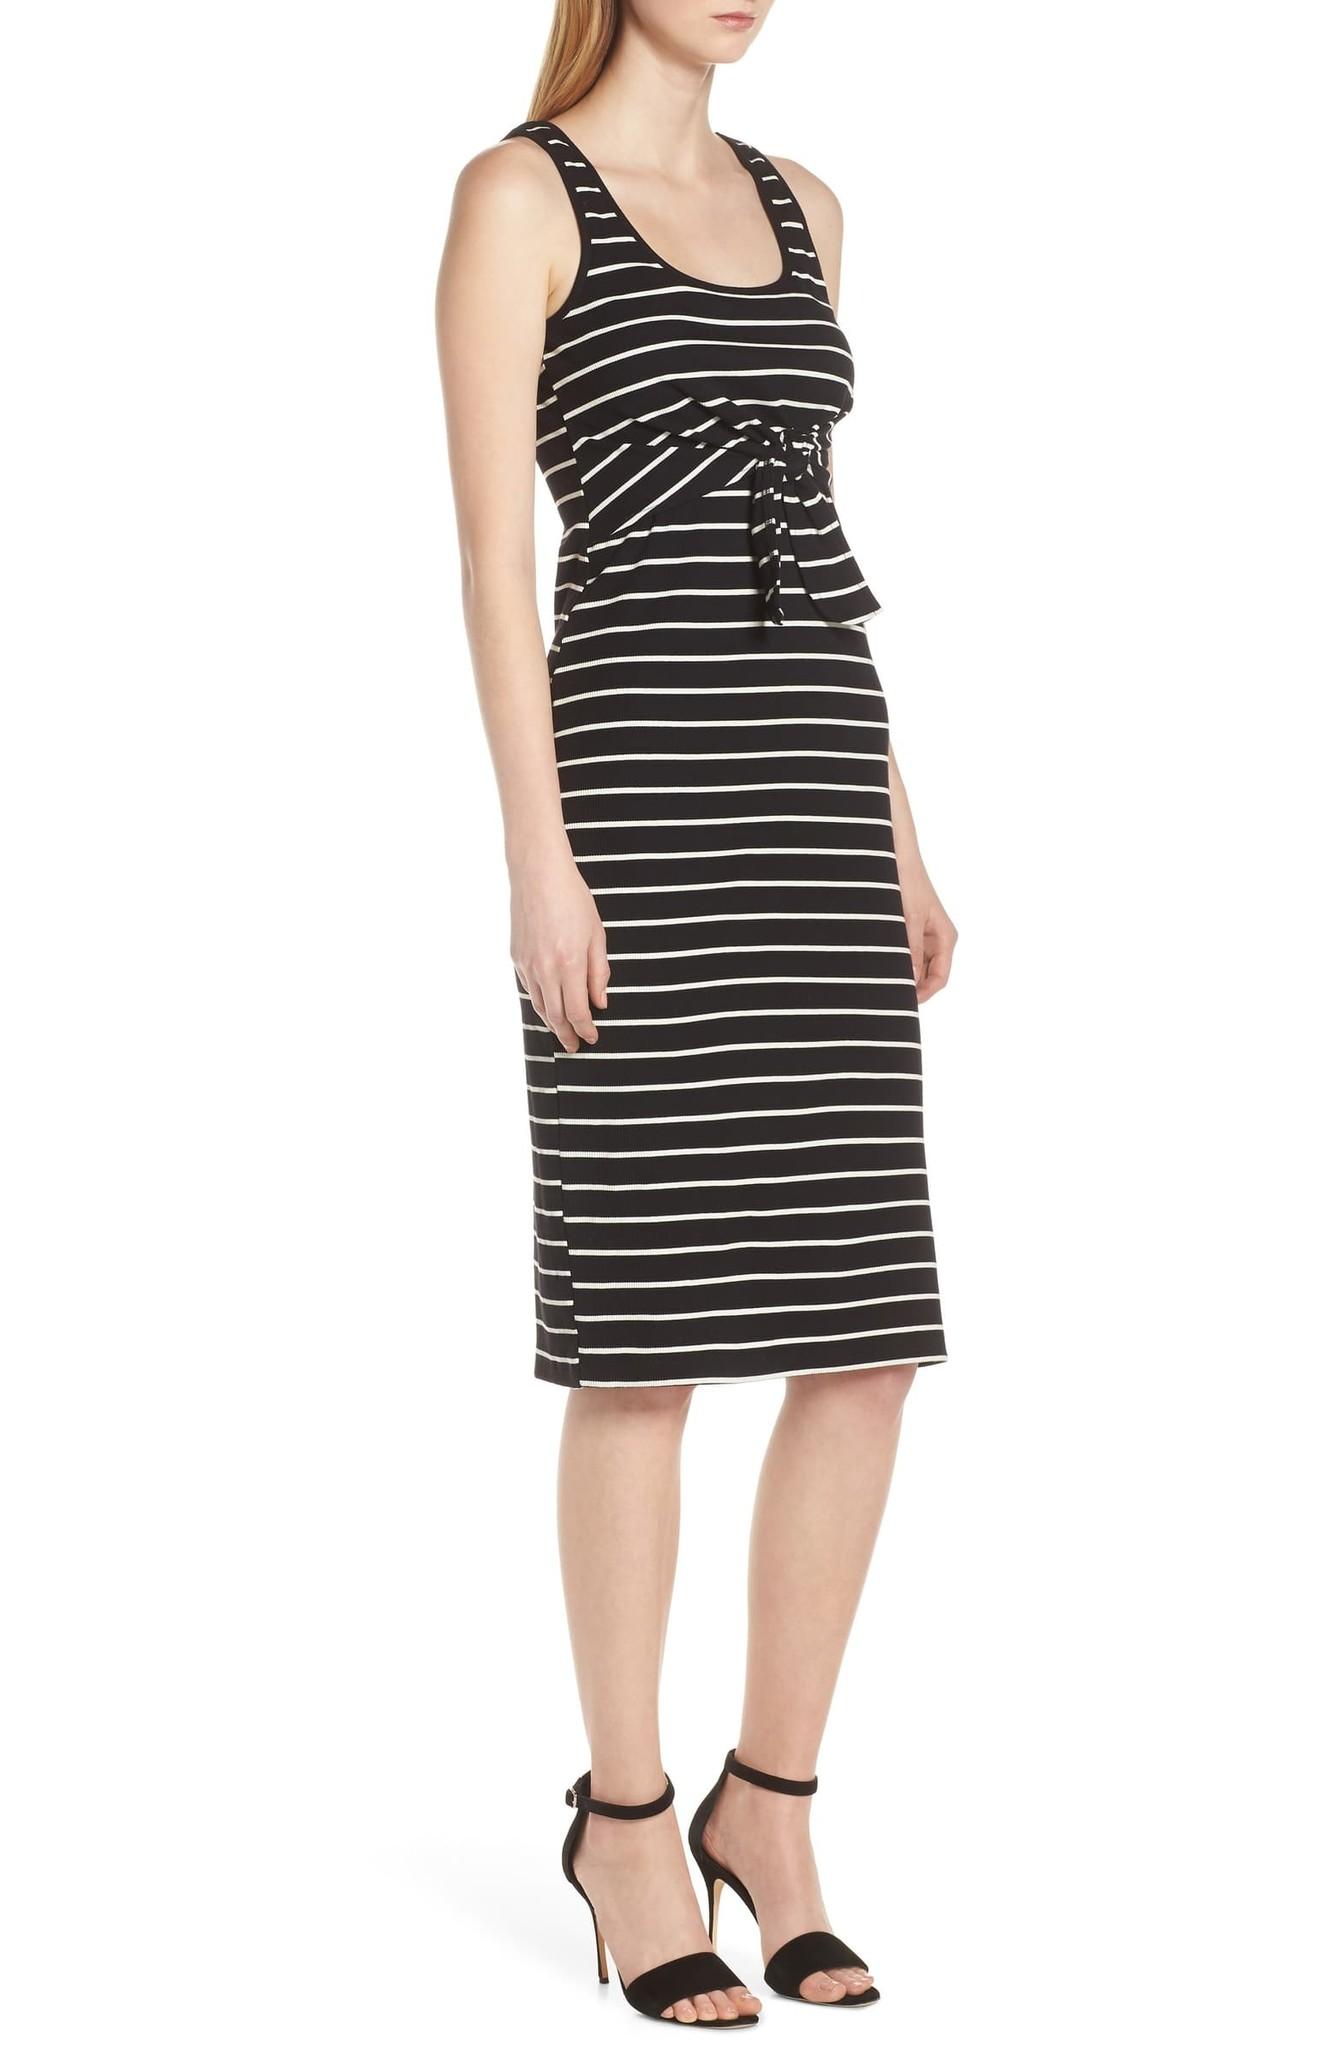 Heartloom Kenzie Tie Front Dress